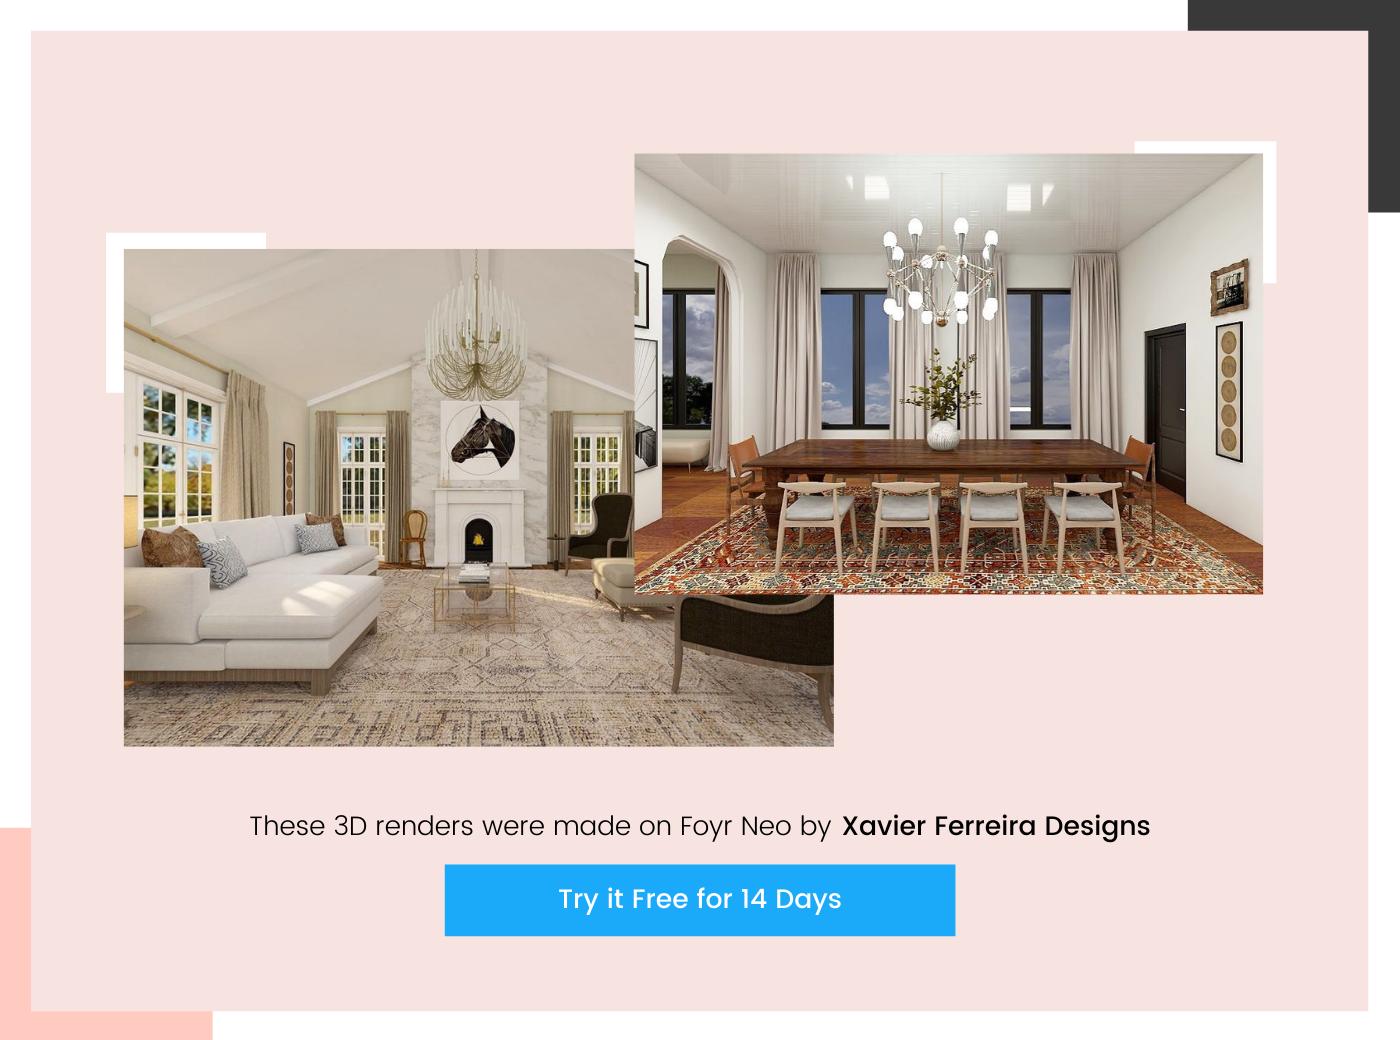 home design 3D render by Xavier Ferreira Designs